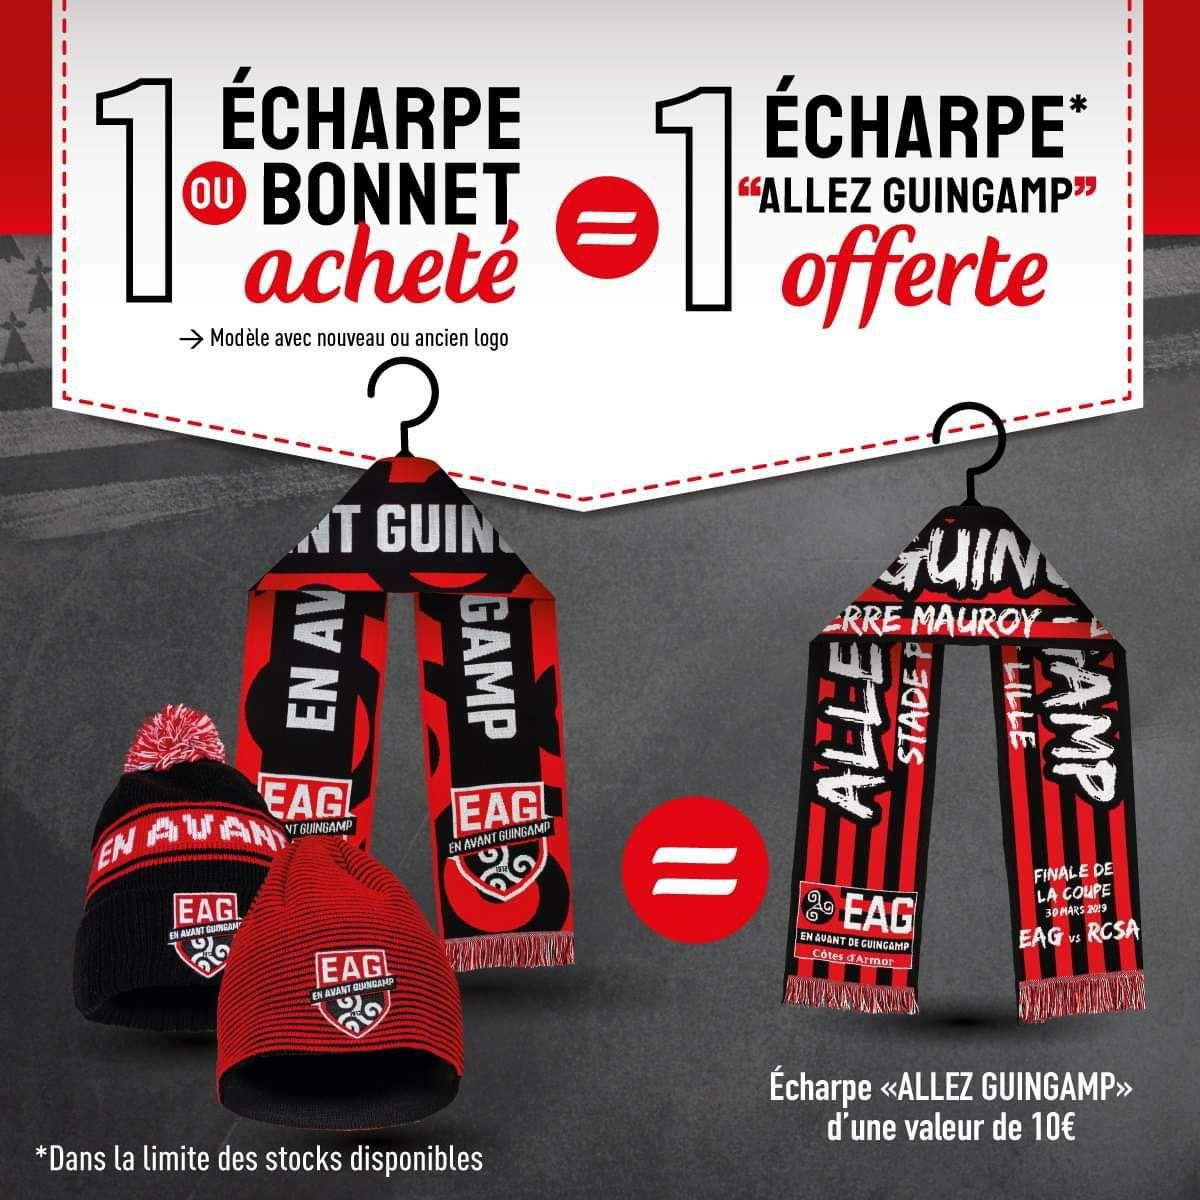 1 écharpe ou 1 bonnet En avant Guingamp acheté (ancien ou nouveau logo) = 1 écharpe Allez Guingamp offerte - Boutique.EAGuingamp.com